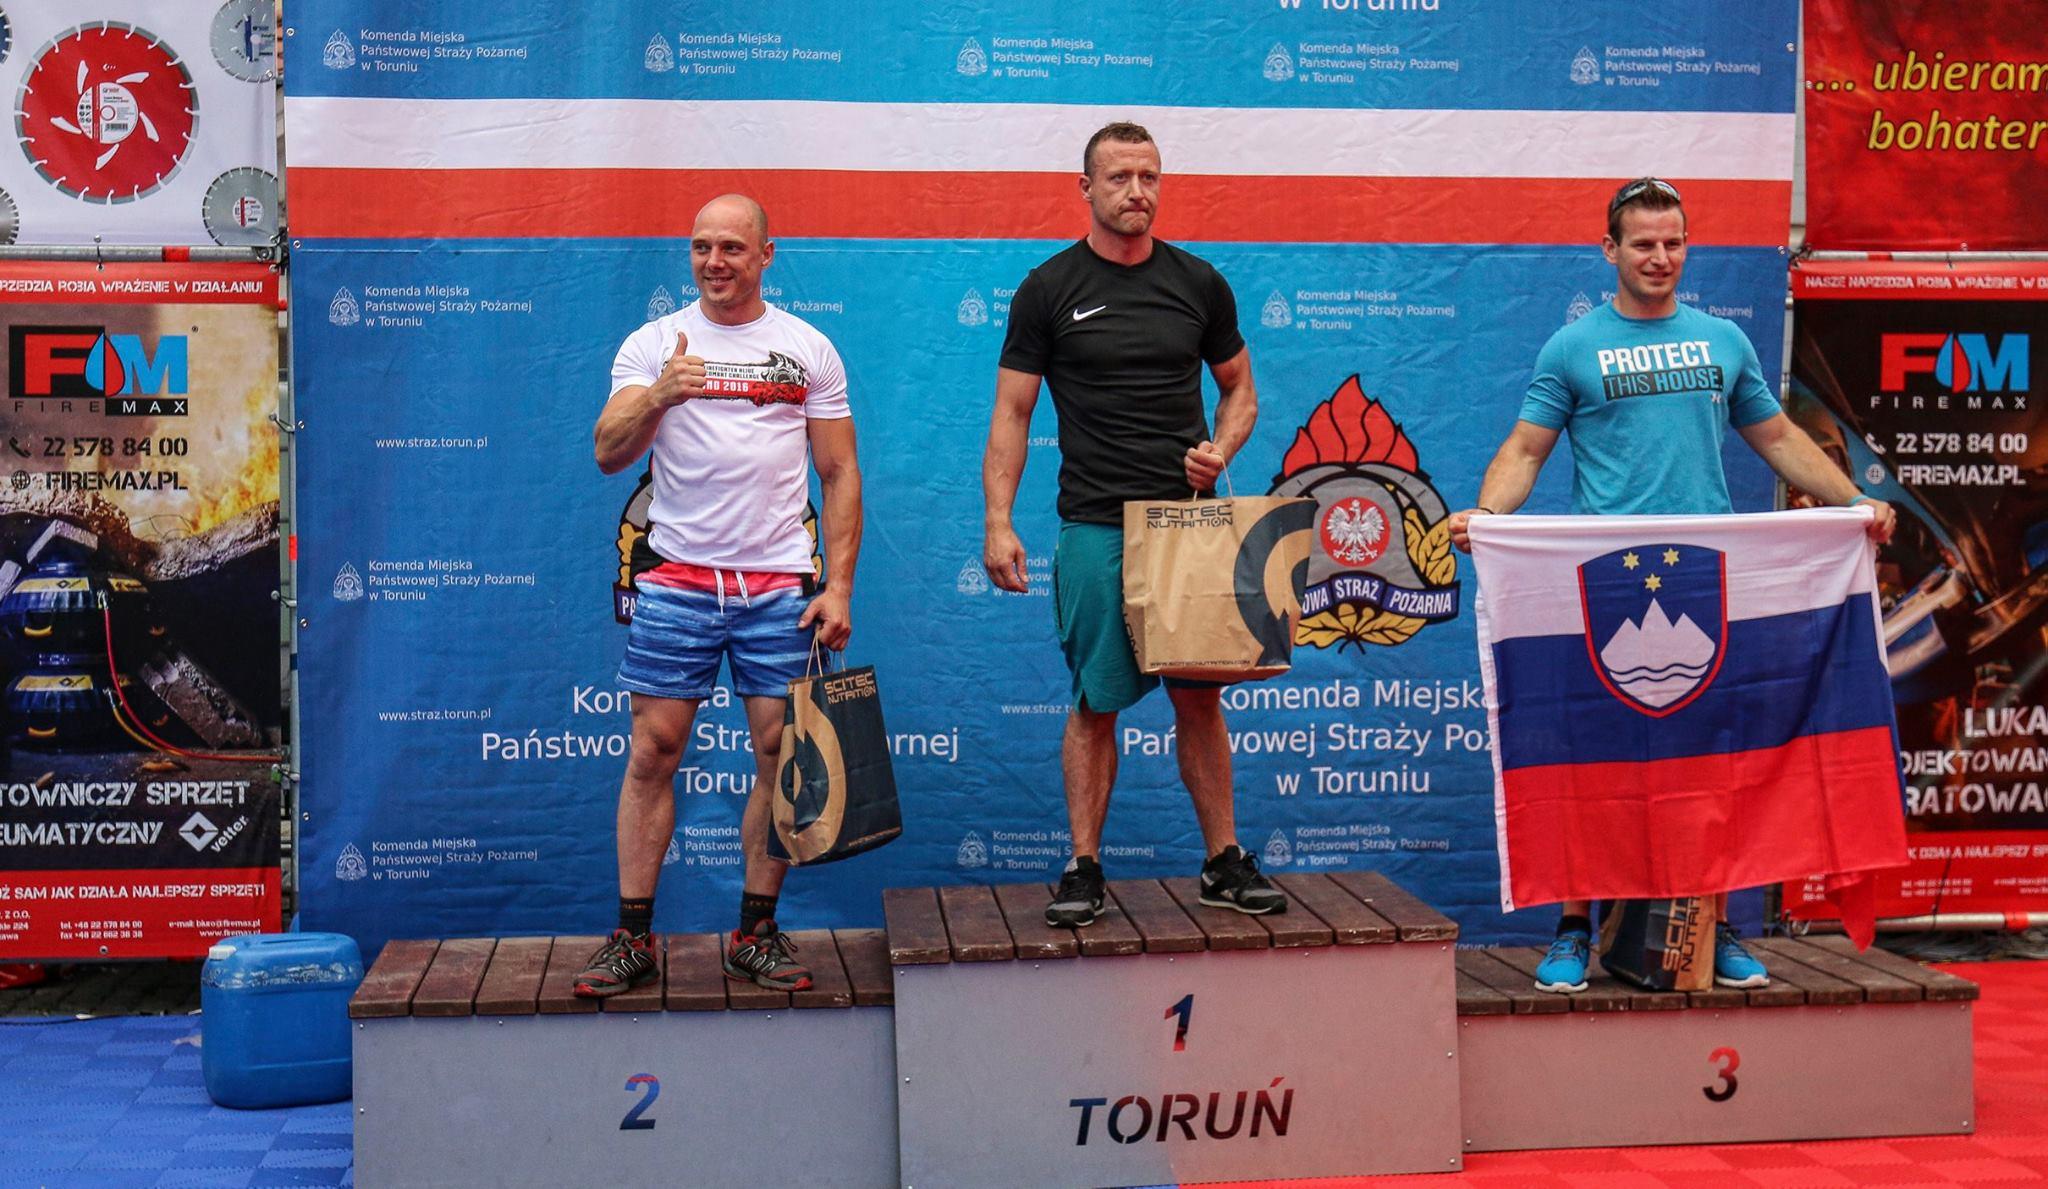 FCC: Odlični rezulati Gregorja in ekipe v Torunu (Poljska)